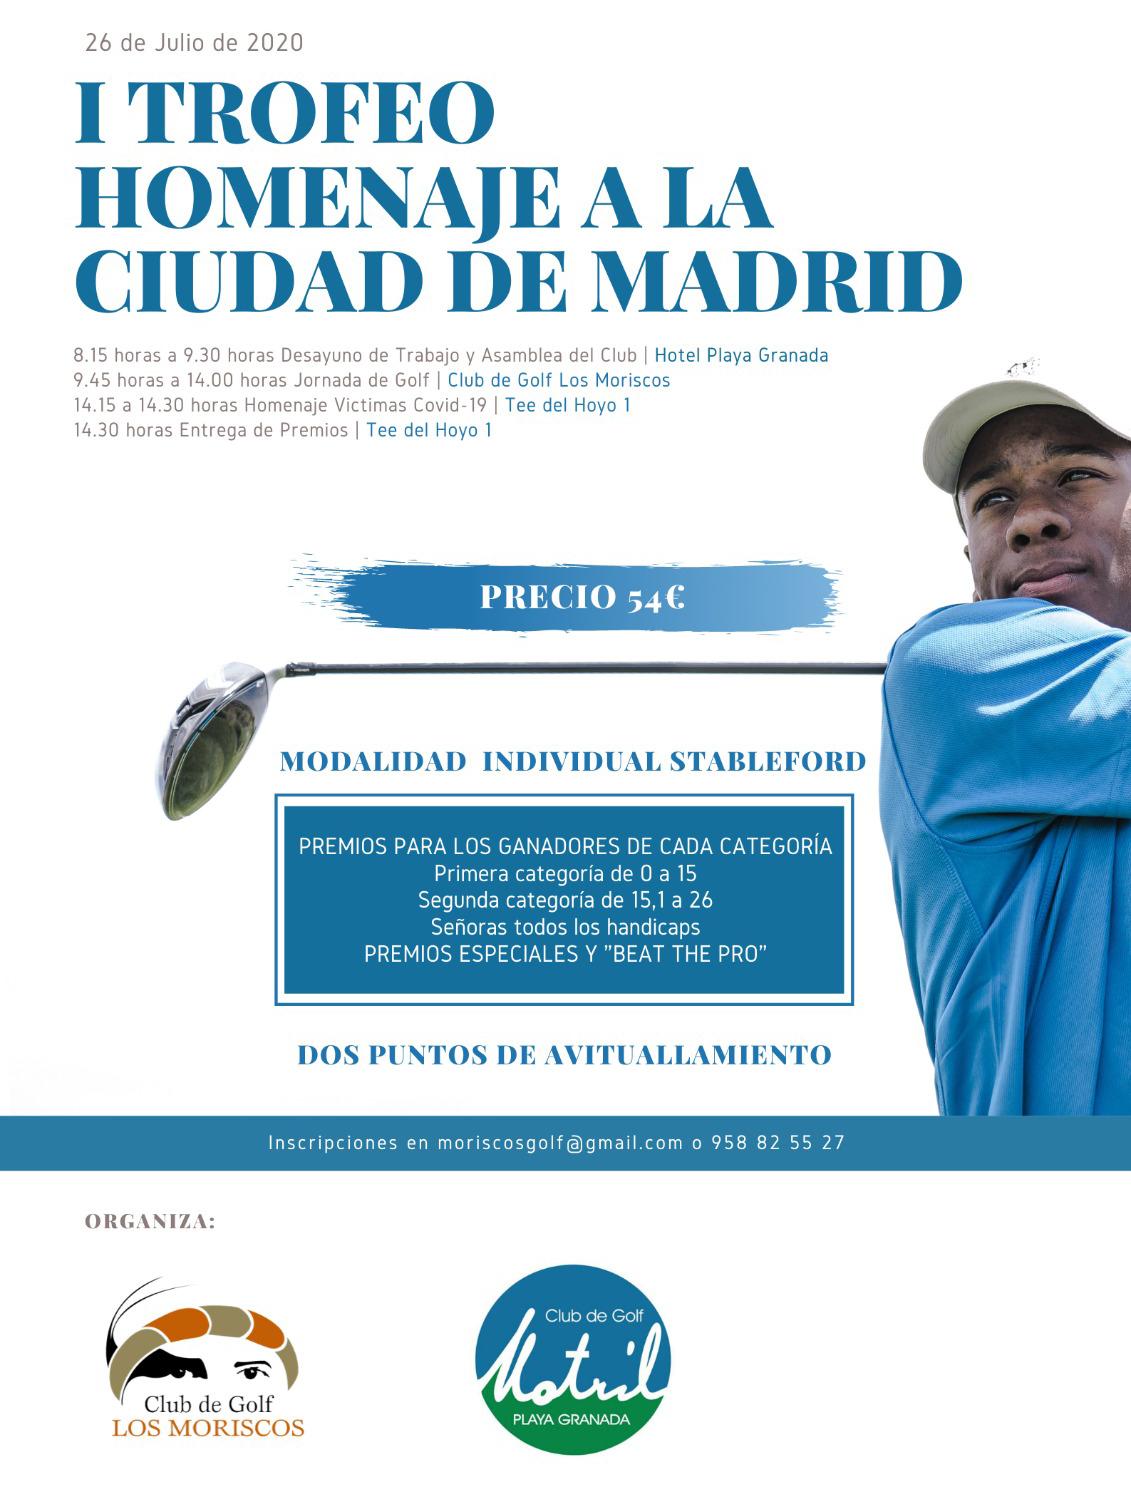 Torneo Homenaje a la ciudad de Madrid